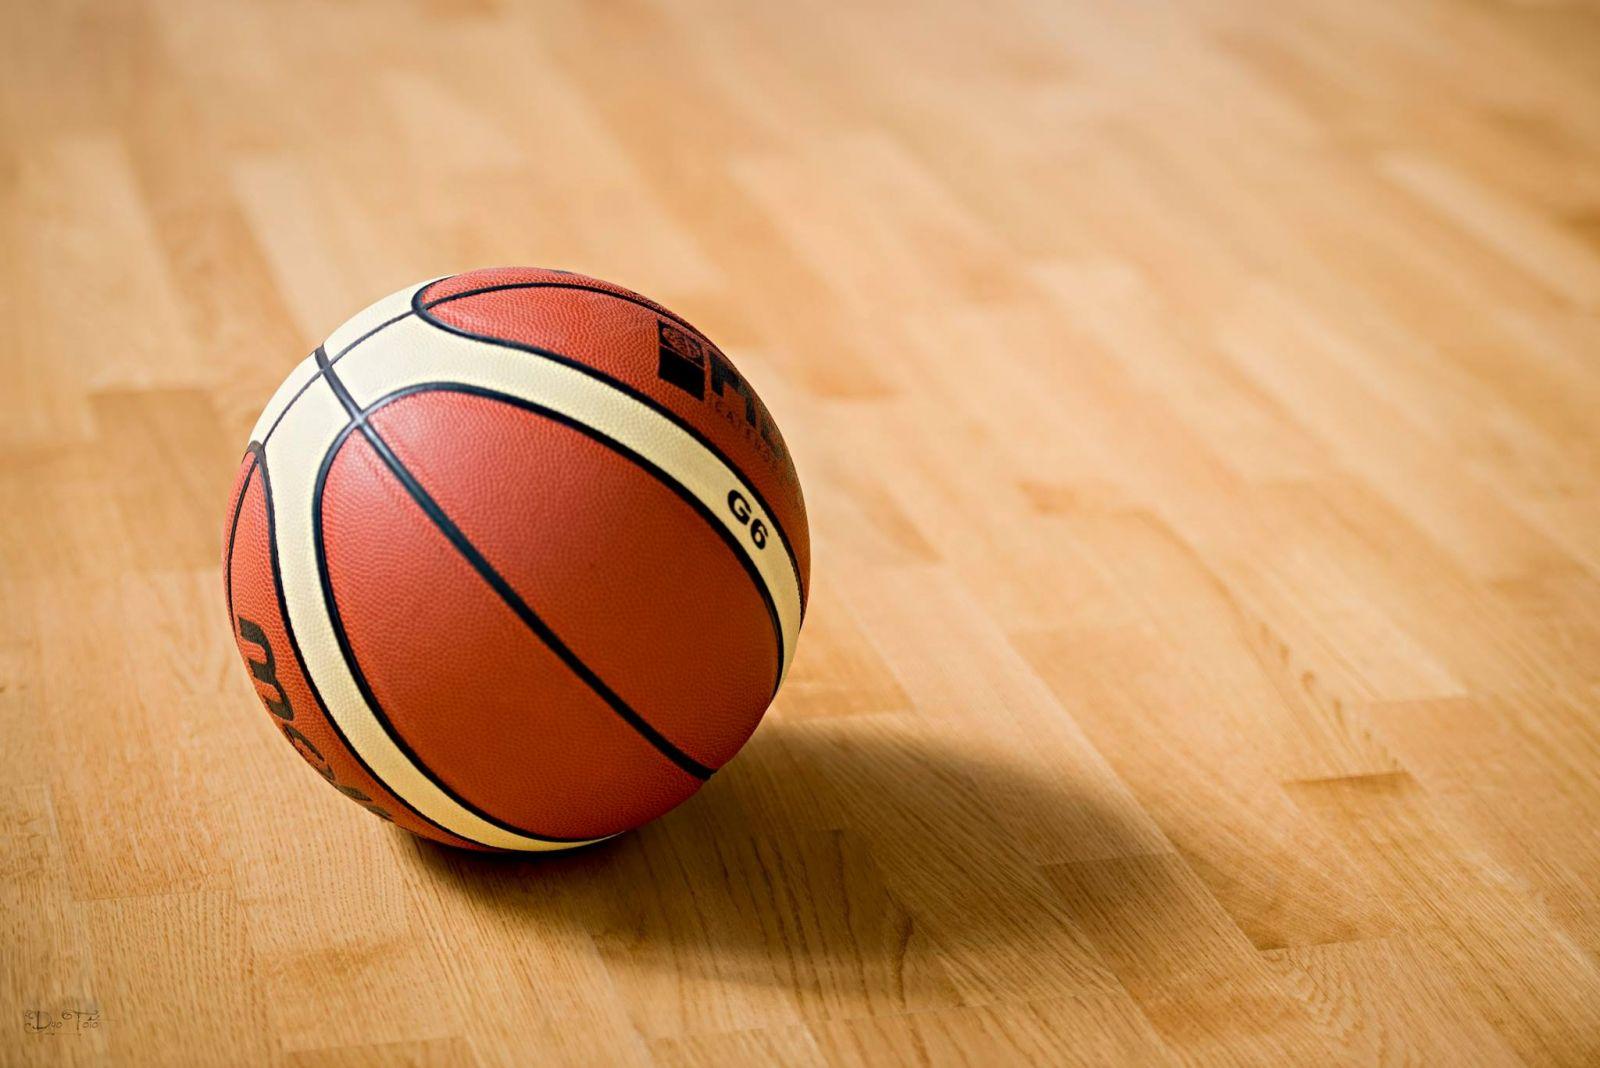 Monori SE - MAFC BME NBII-es férfi kosárlabda mérkőzés